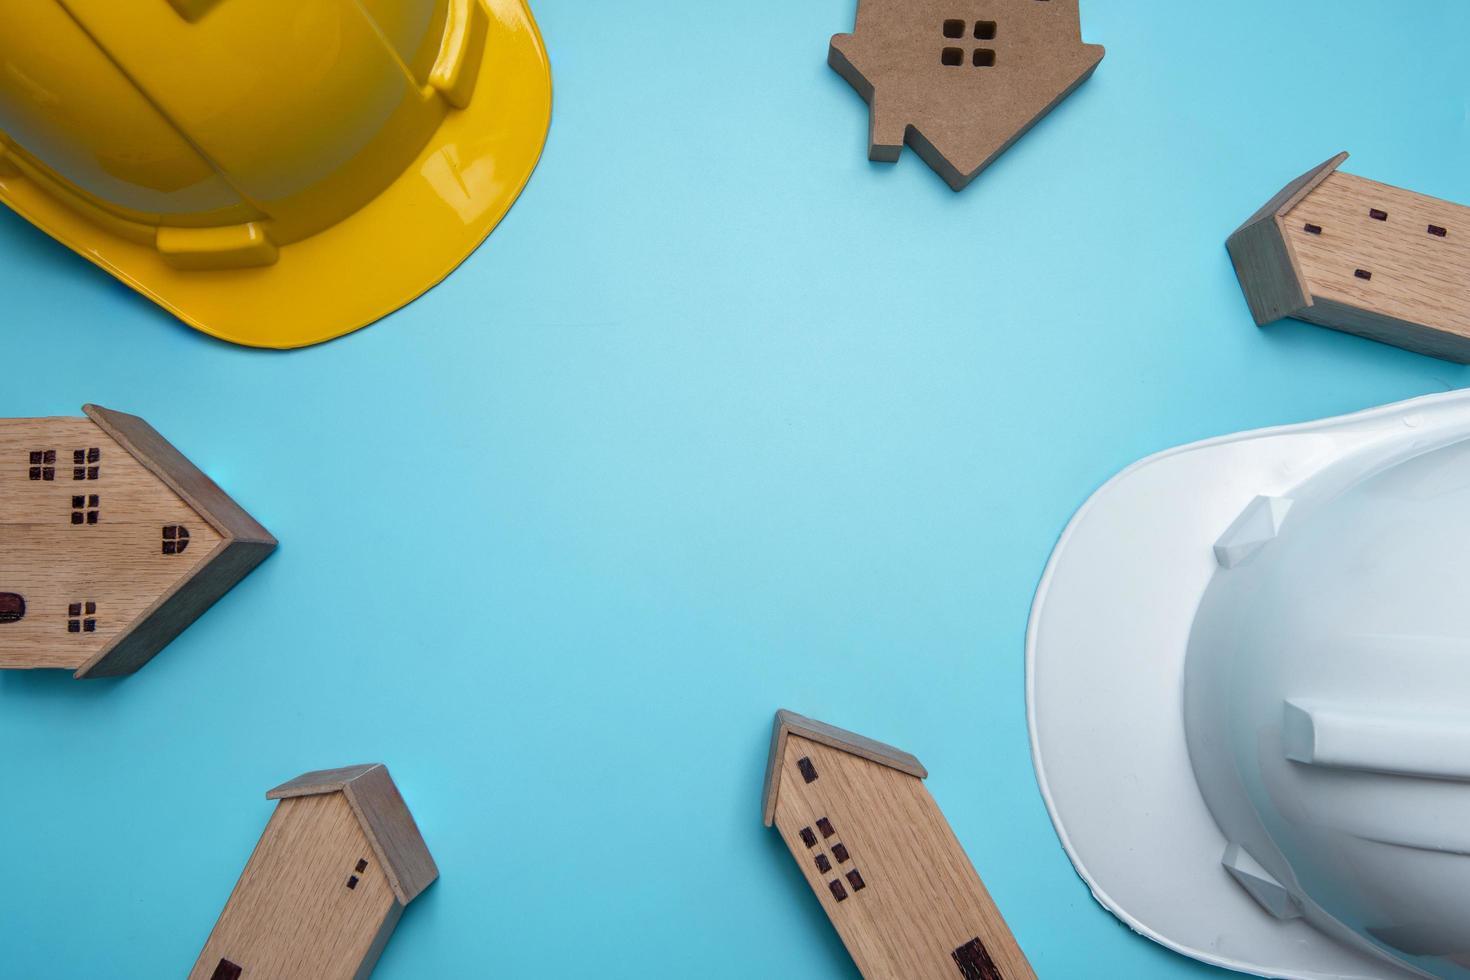 Schutzhelme mit Holzhäusern auf blauem Hintergrund foto